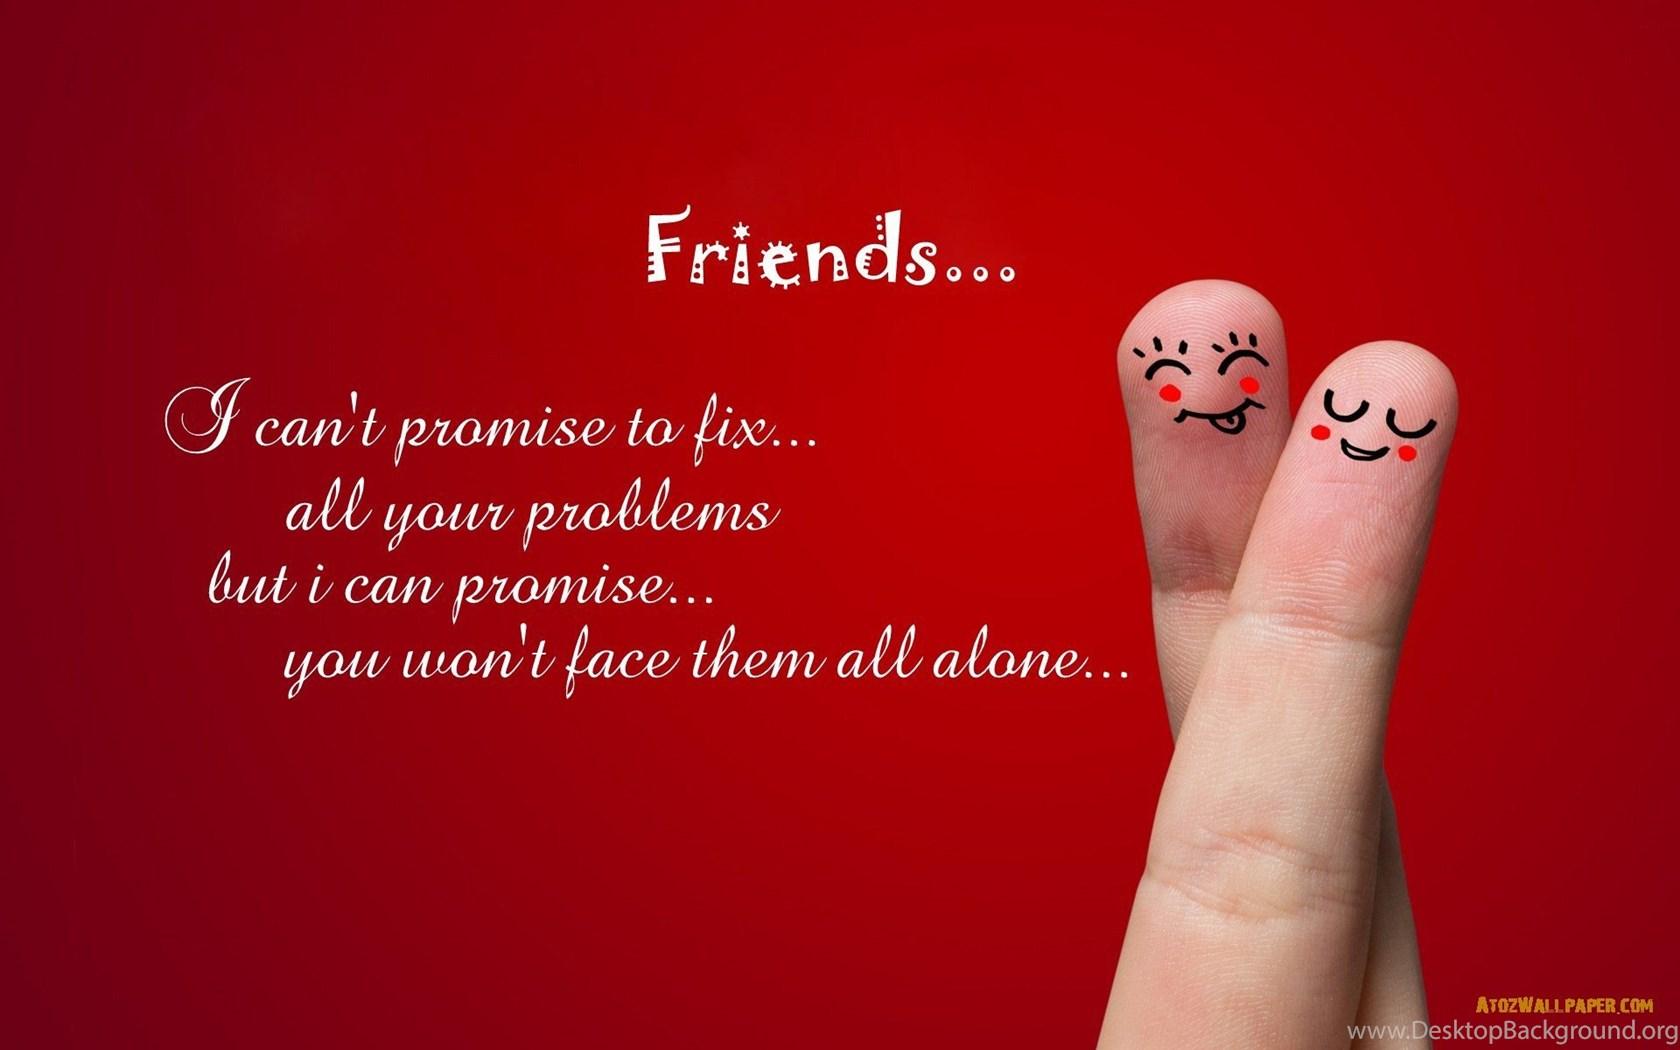 benefit of friendship